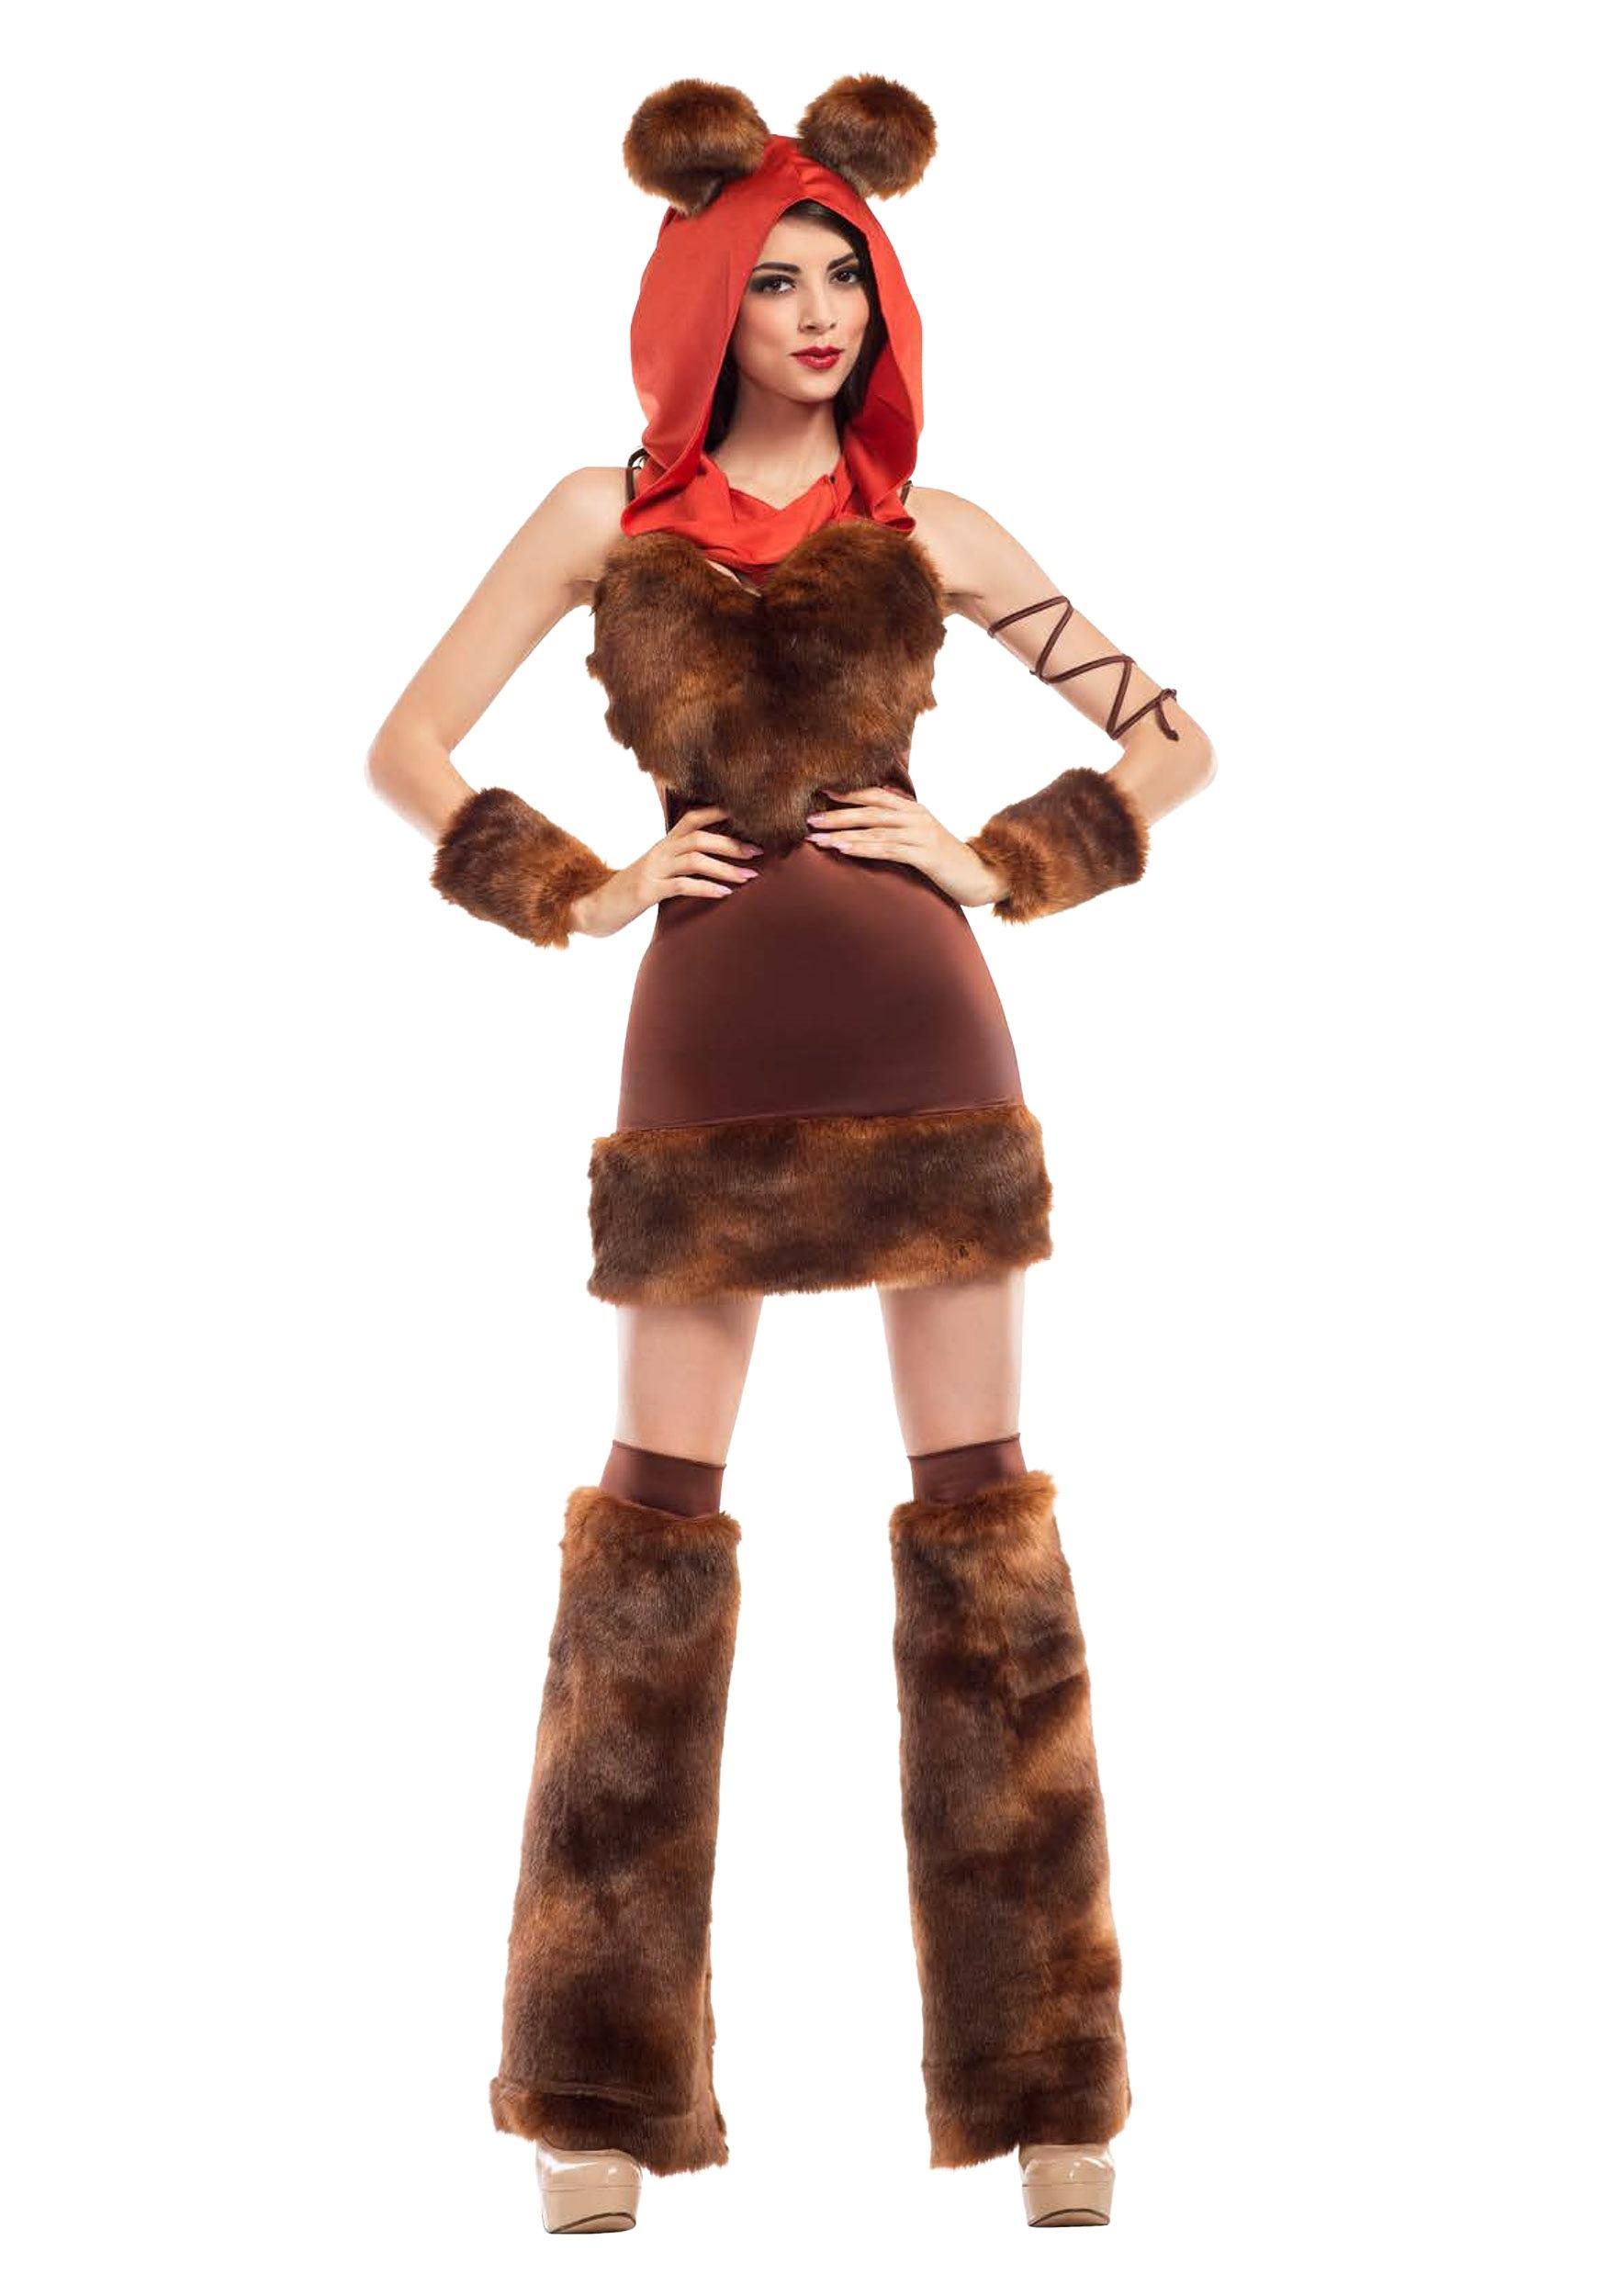 Womens Cute Furry Space Creature Costume  sc 1 st  Halloween Costumes & Womenu0027s Cute Furry Space Creature Costume